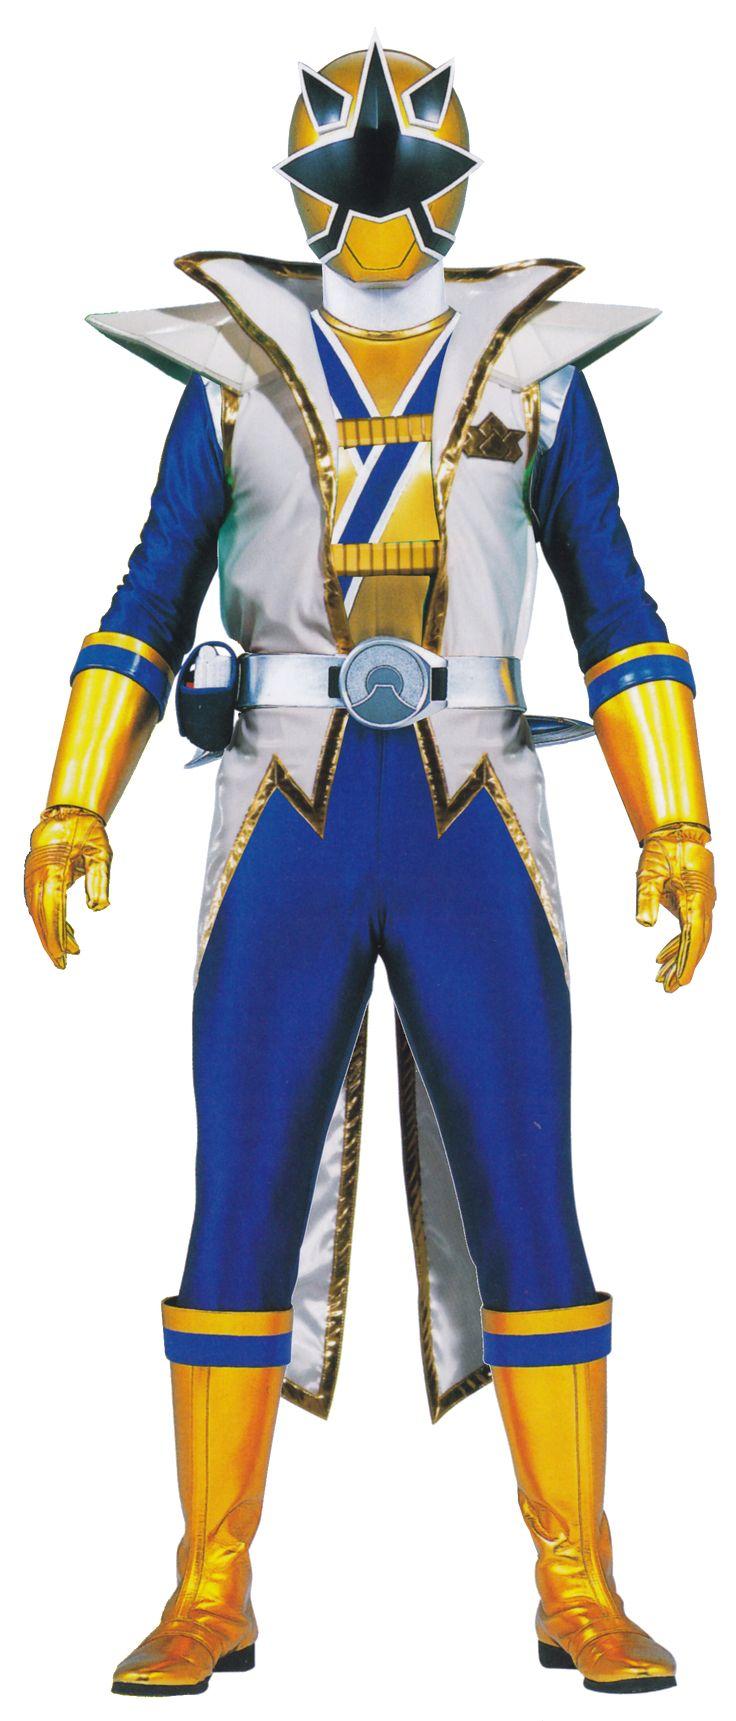 gold super samurai ranger | related to power rangers gold samurai power rangers gold ranger power